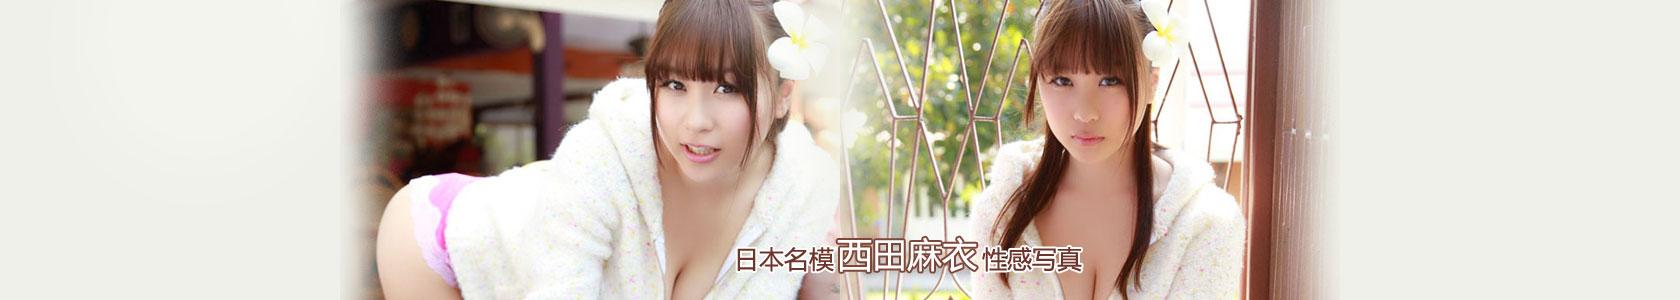 日本名模西田麻衣性感写真